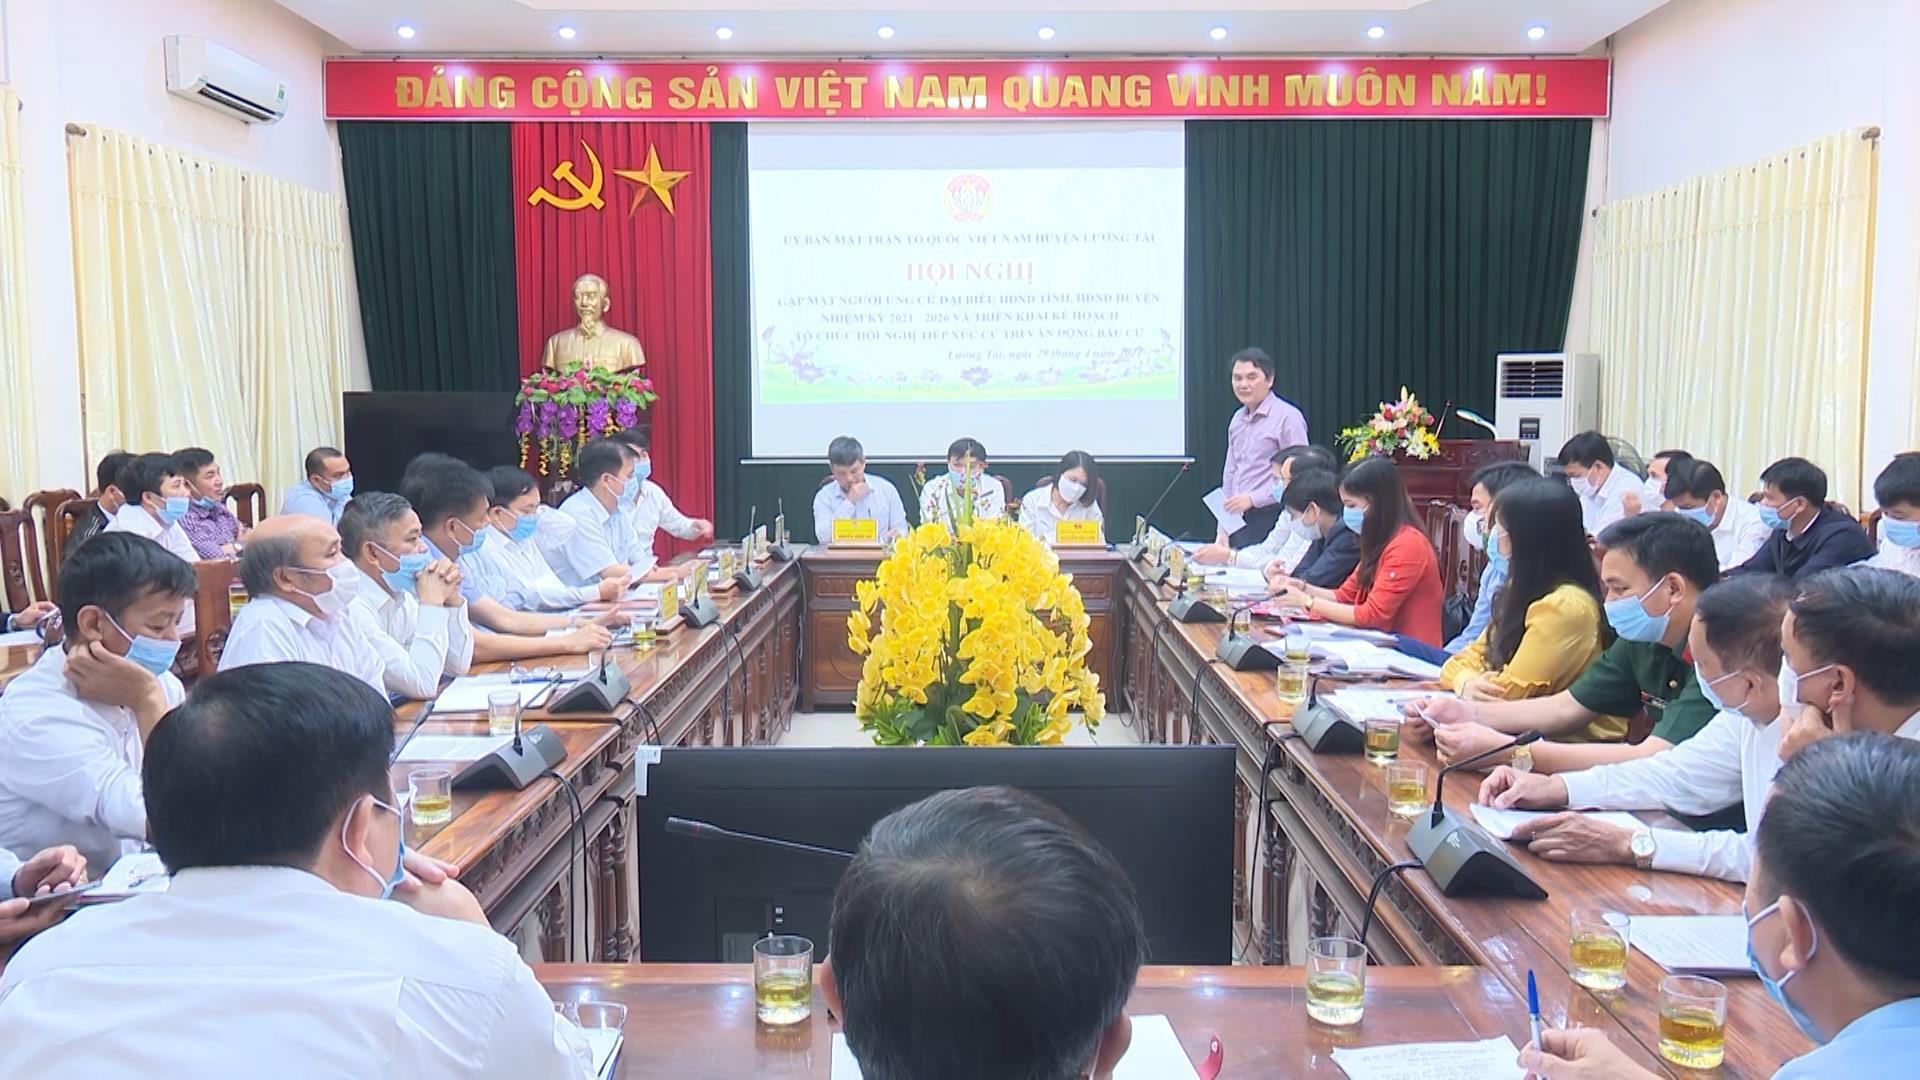 Lương Tài gặp mặt người ứng cử đại biểu HĐND tỉnh,  HĐND huyện nhiệm kỳ 2021 – 2026